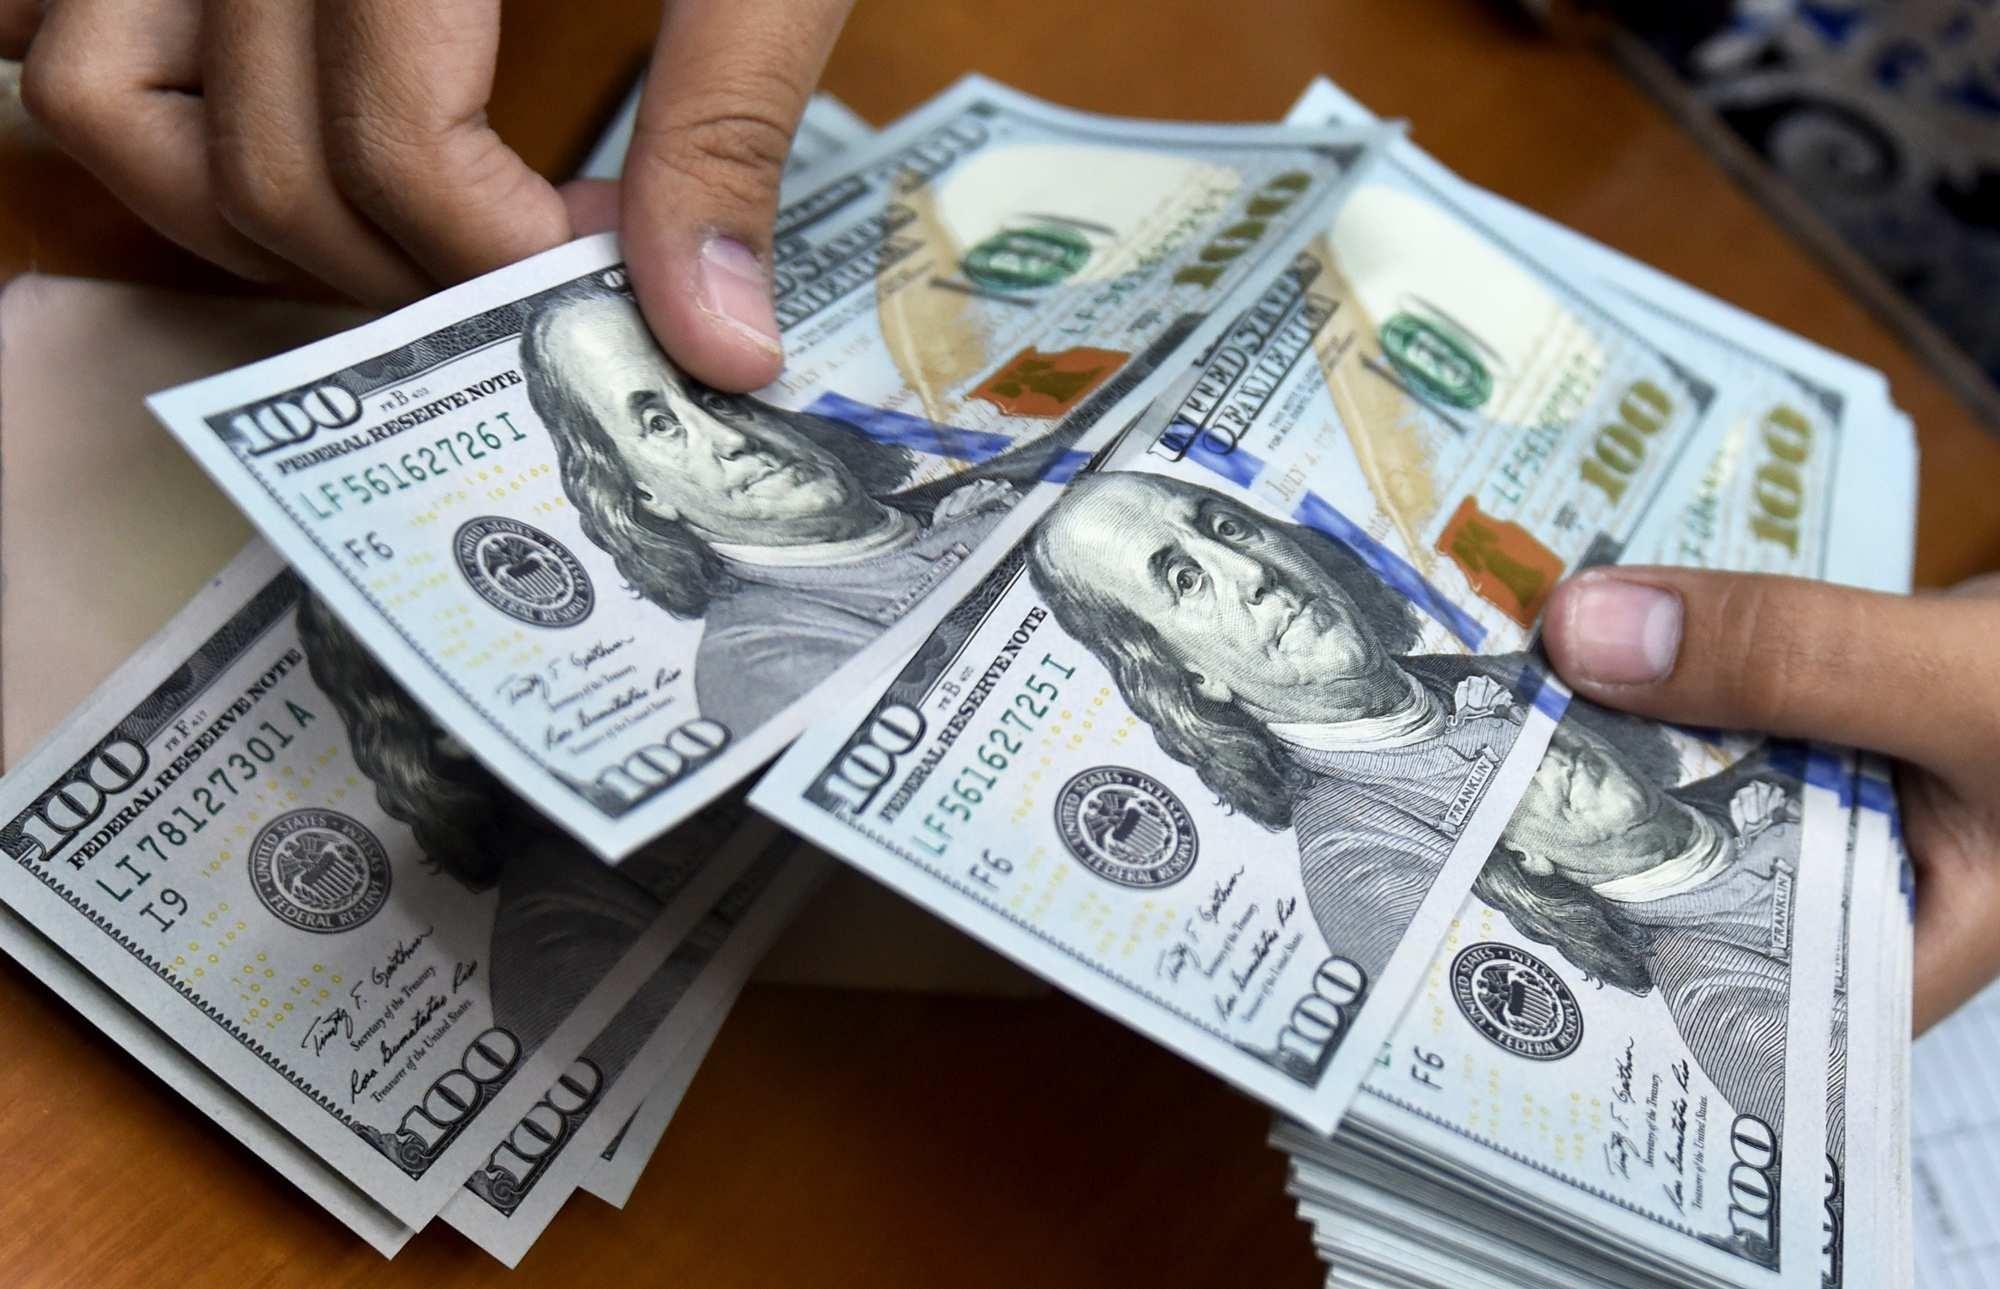 بانک ها امروز دلار را از مردم چند میخرند؟